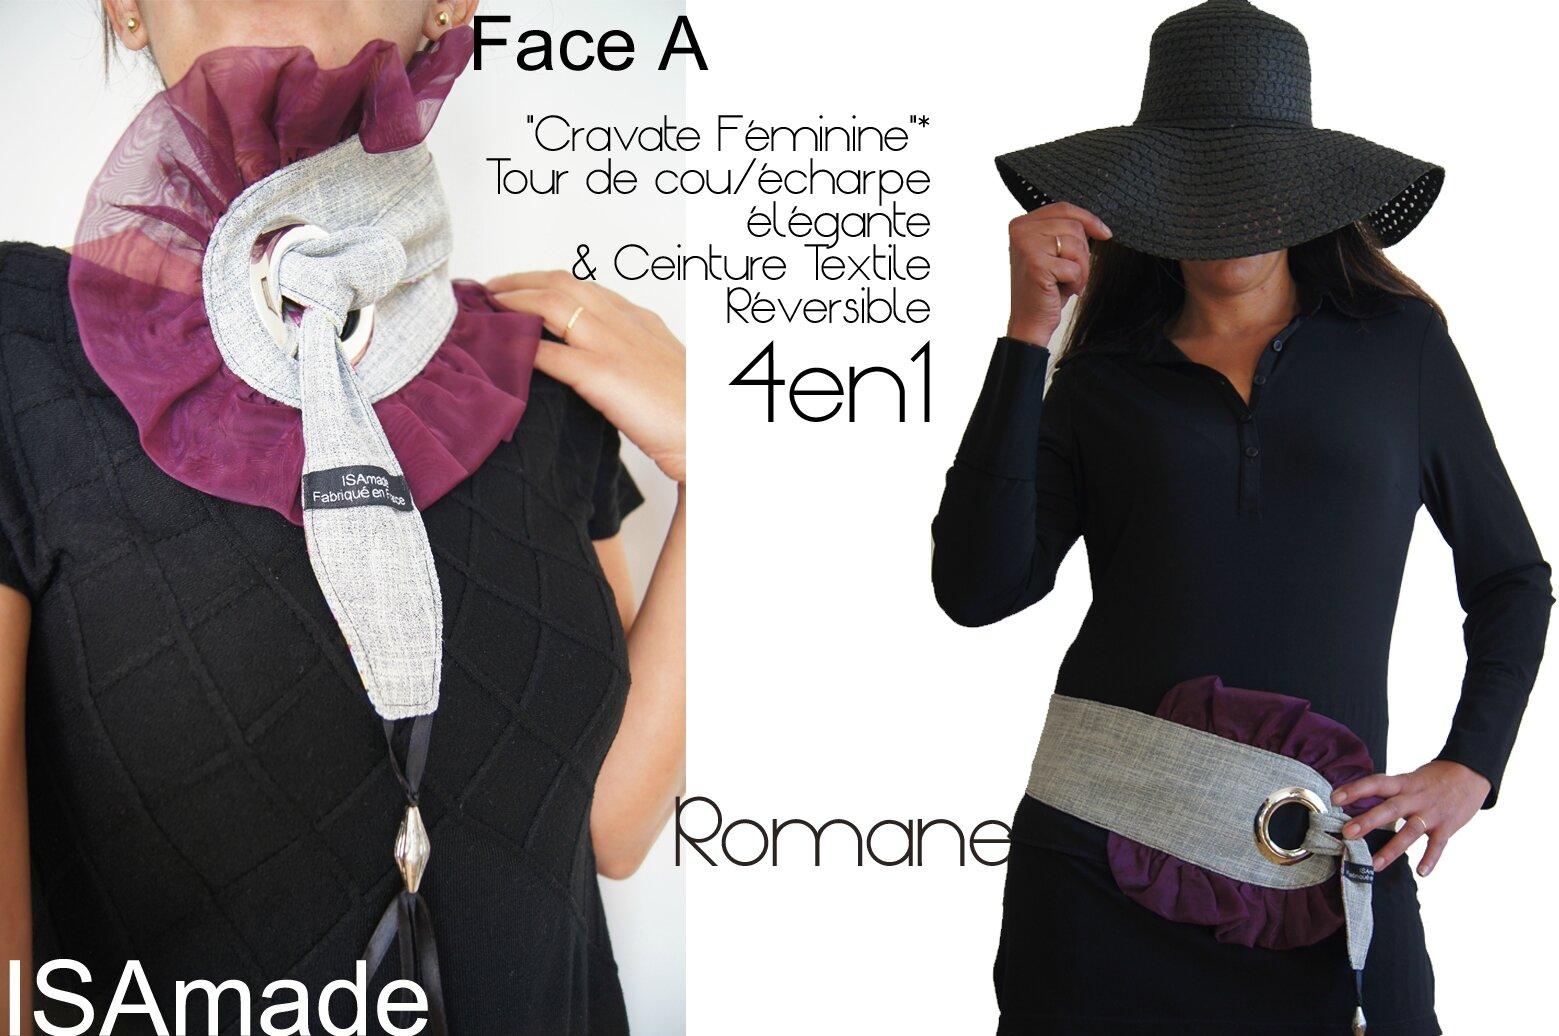 Idée de Cadeau de Noël : Cravate/ écharpe Féminine & Ceinture Reversible Imprimé Fantaisie et crèpe gris clair à volant Organza